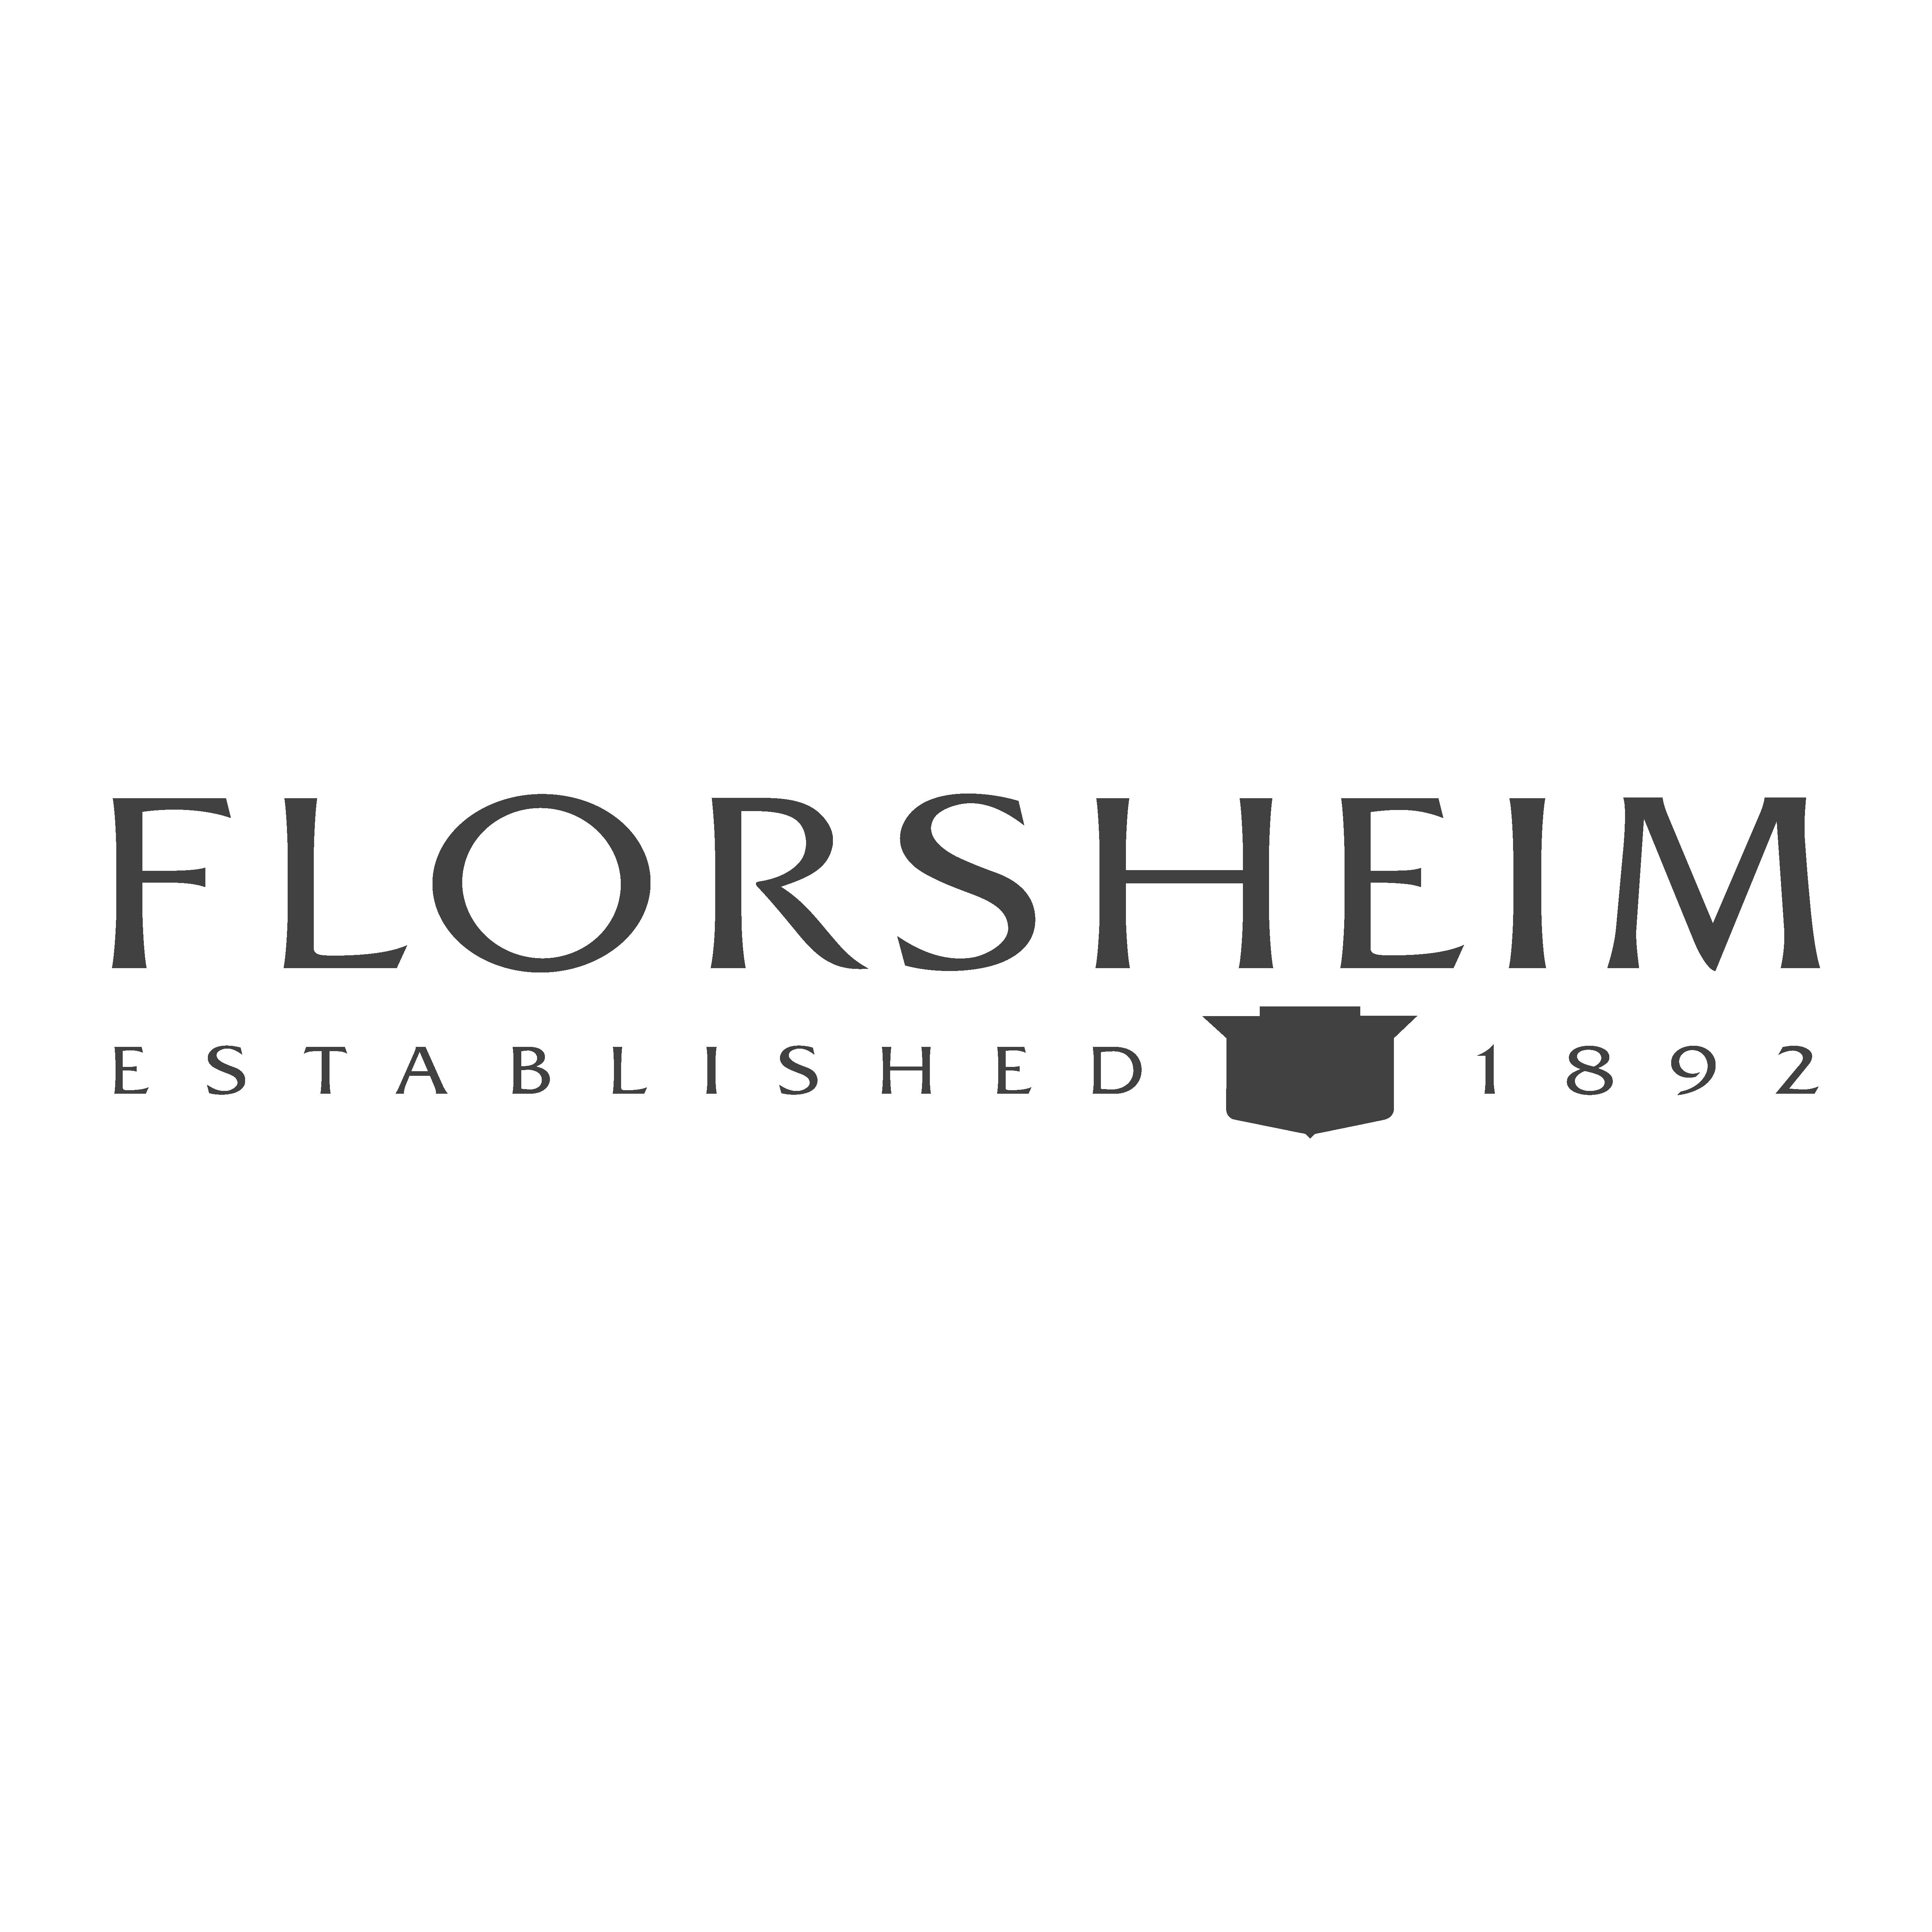 florsheim-logo-02